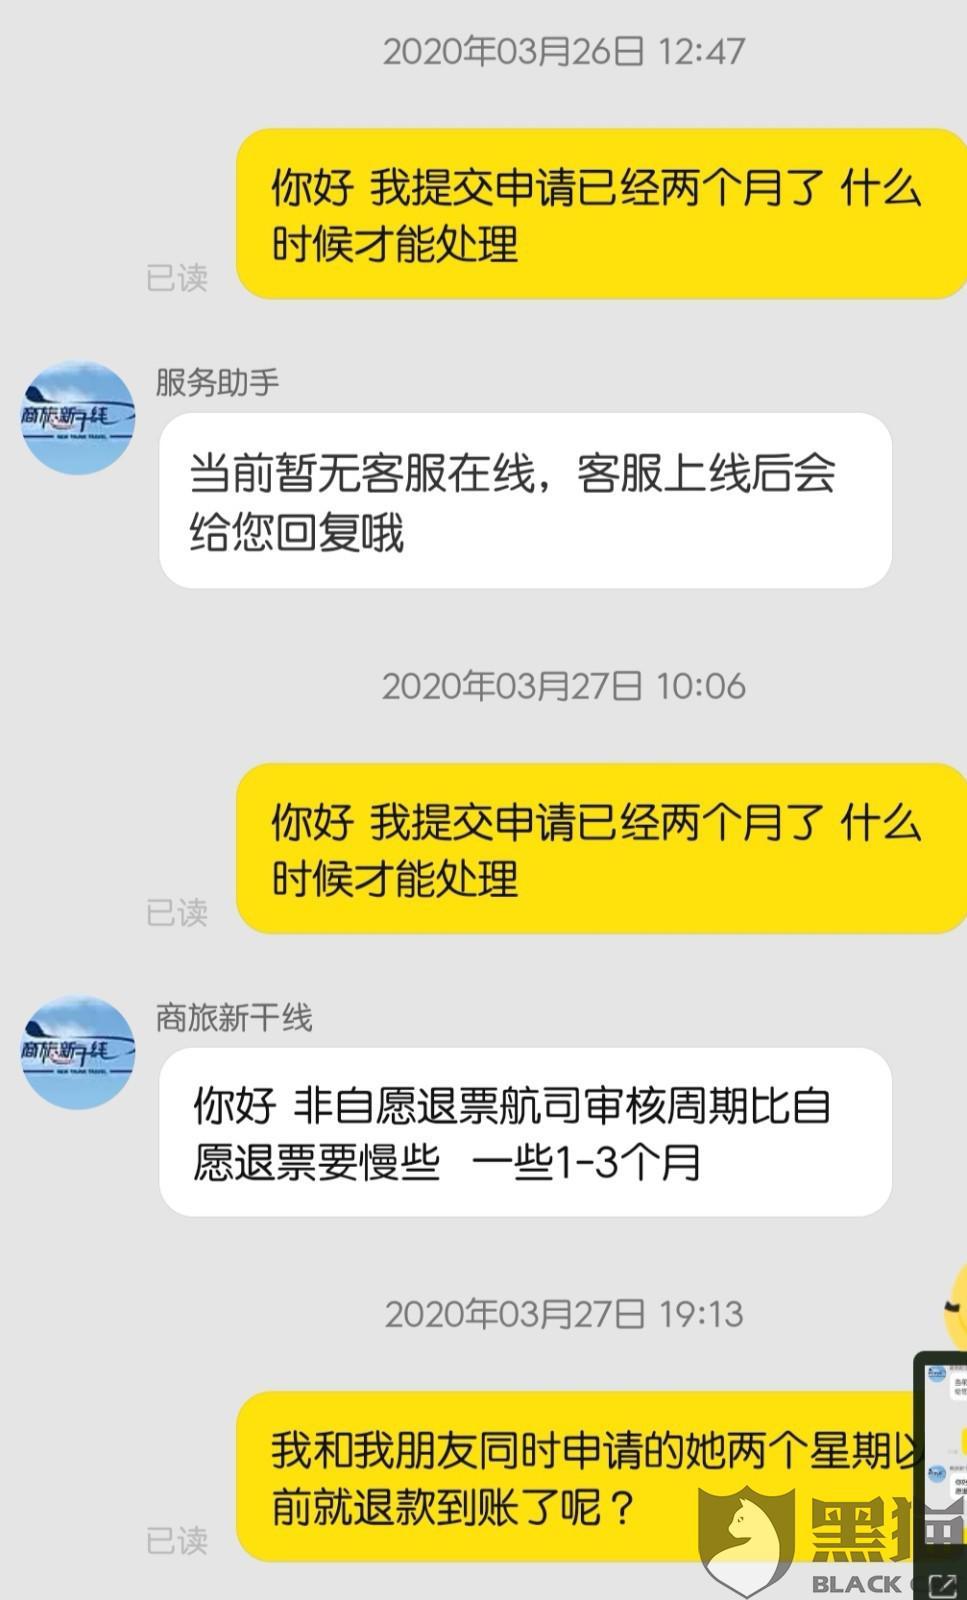 """黑猫投诉:飞猪商旅新干线显示""""退票成功,退款中""""一个月后退款未到账"""